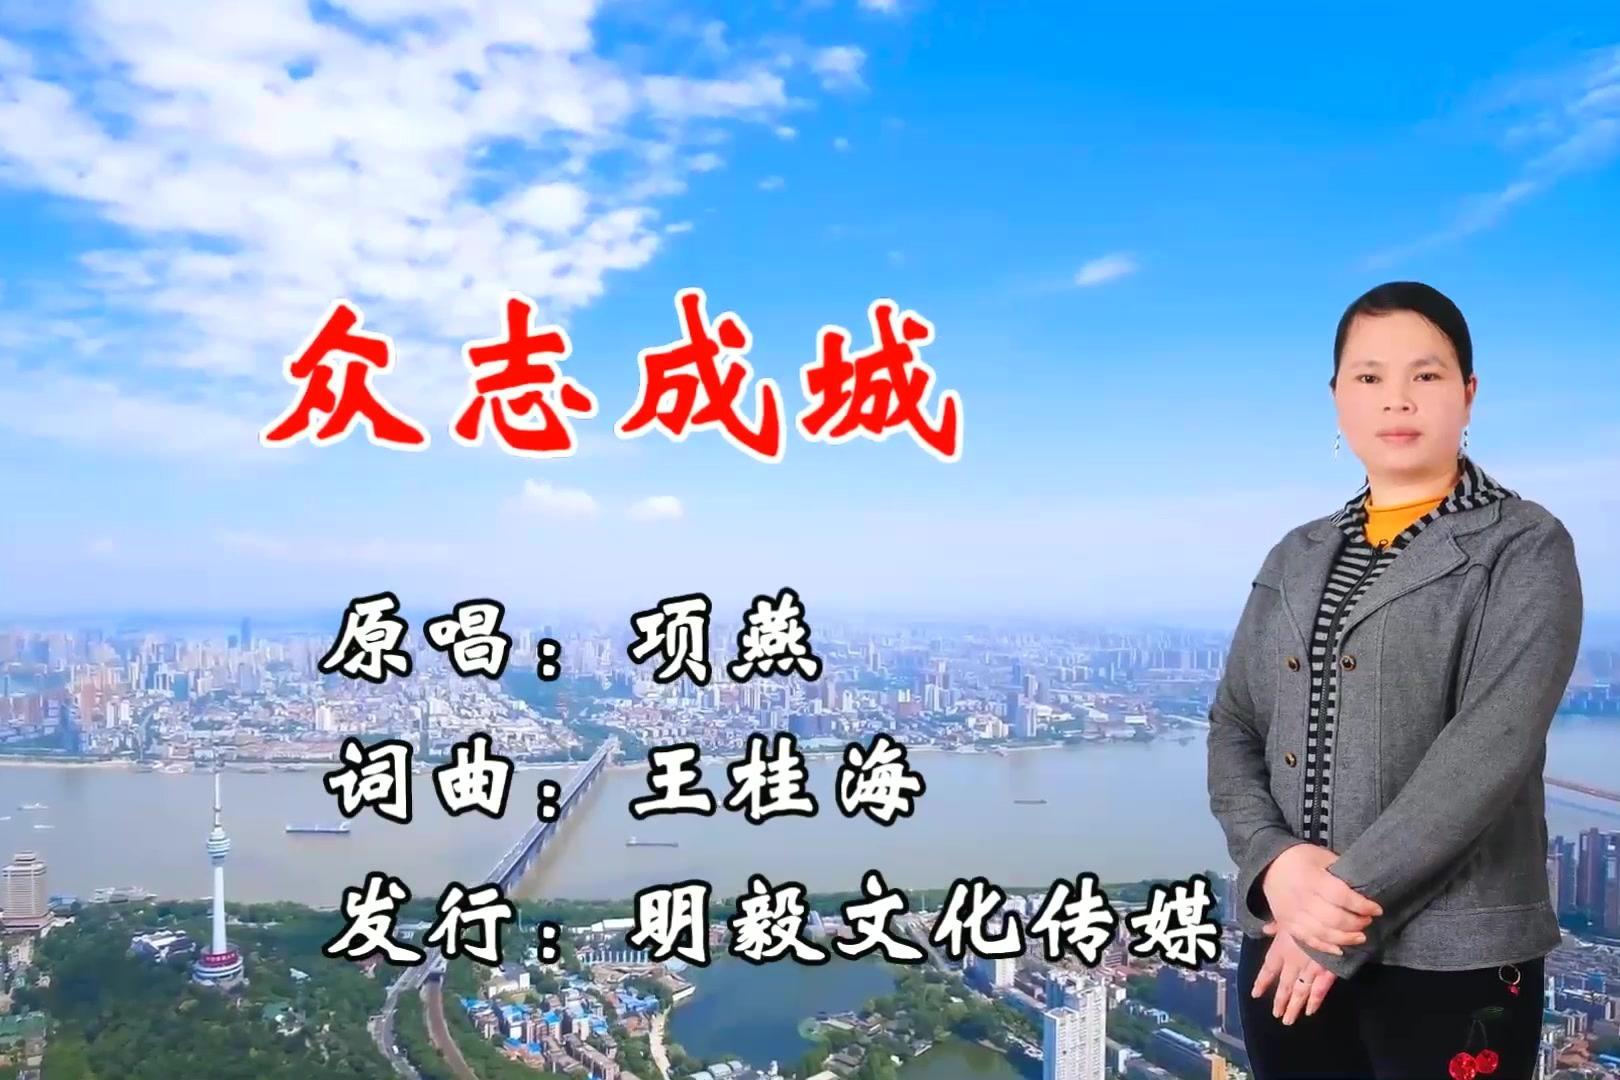 内地华语女歌手项燕推出首张个人专辑《众志成城》